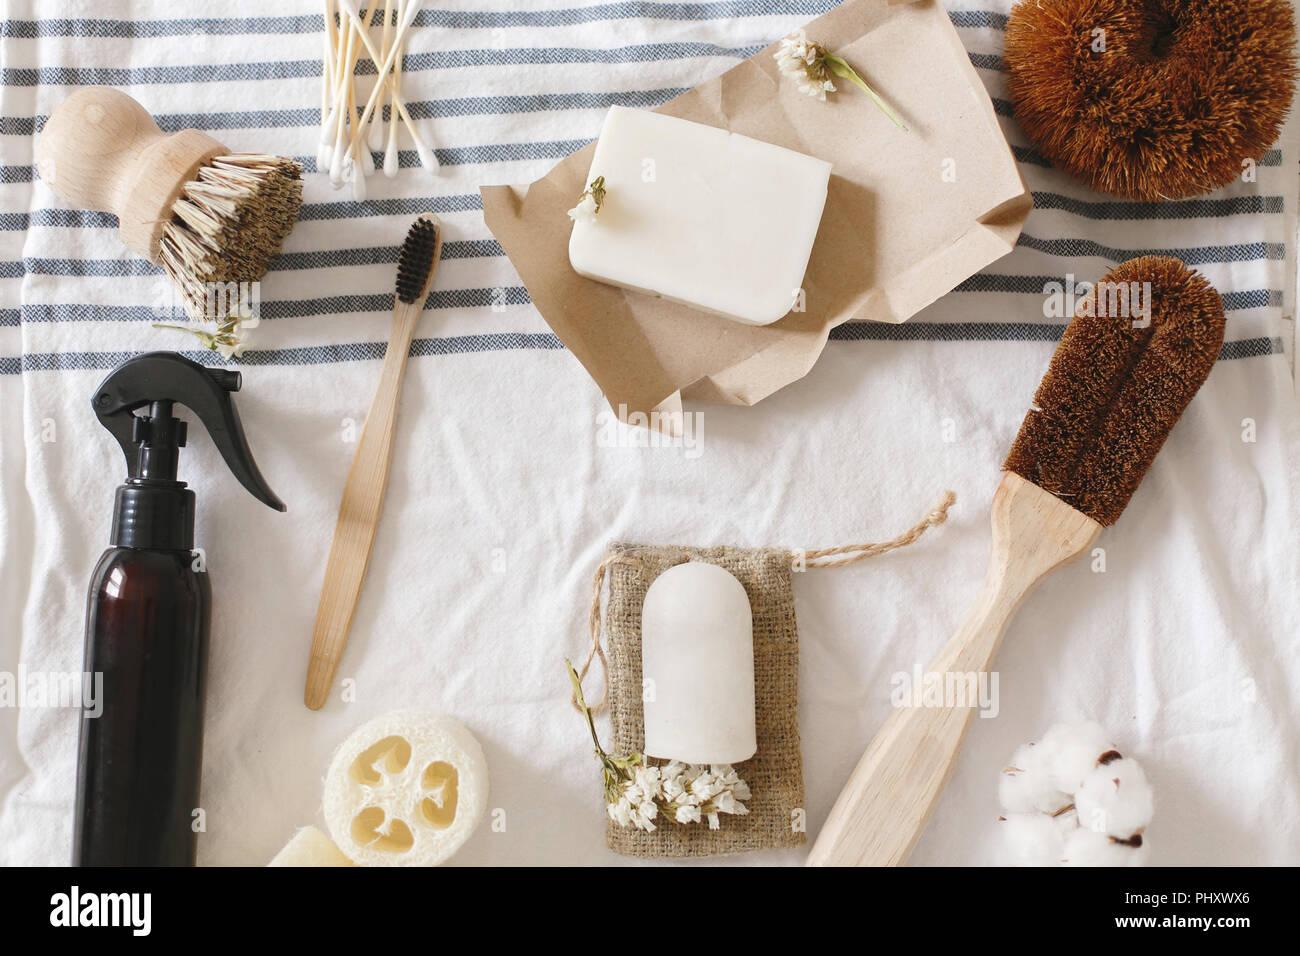 Nachhaltiger Lebensstil Konzept, null Abfall flach. Natürliche eco Luffa, Bambus Zahnbürste, Pinsel, Kokos Seife, handmade Reinigungsmittel und Crystal deodoran Stockbild